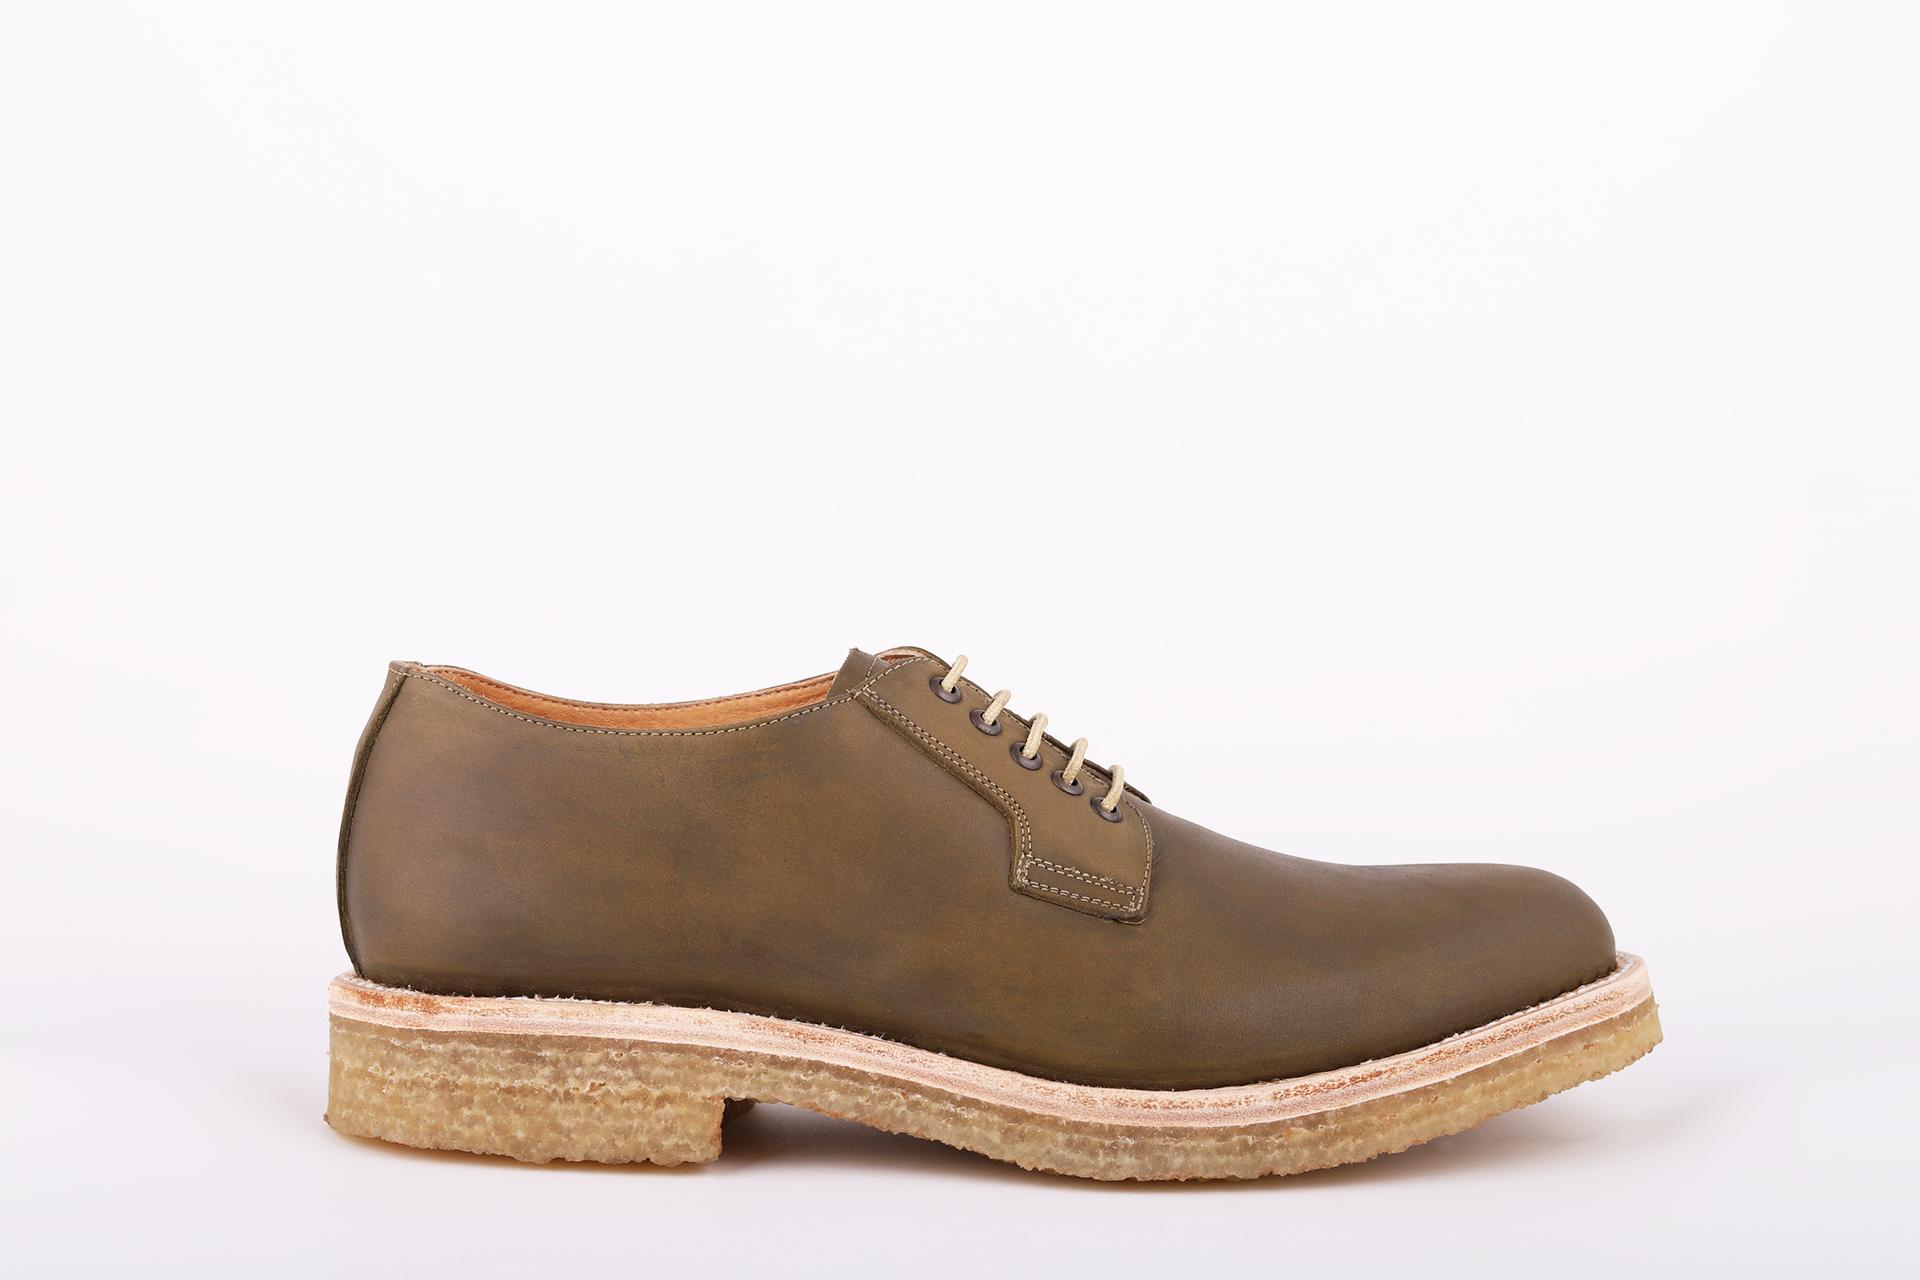 miles-and-louie-zapato-blucher-hombre-mujer-piel-suela-crepe-flexible-coleccion-primavera-verano-2019-summer-collection-viaje-vacaciones-spring.png